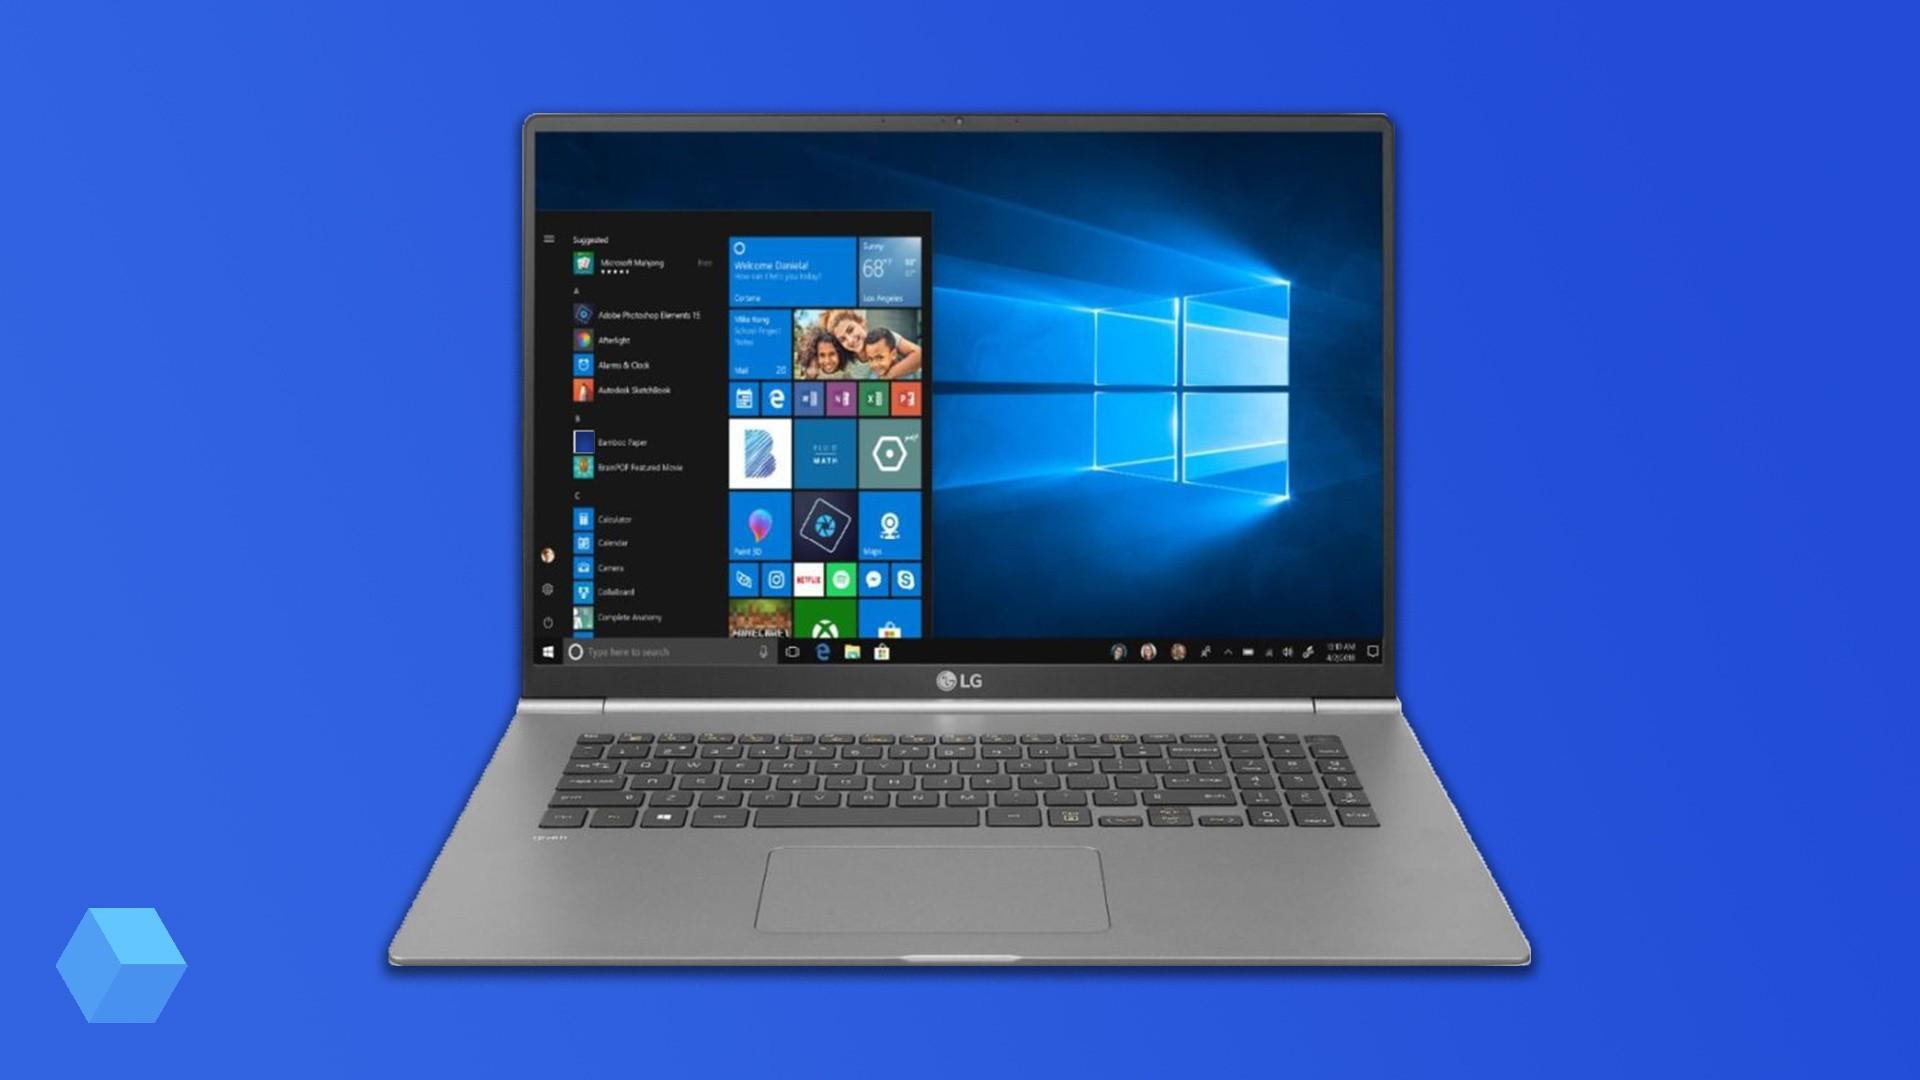 Ультратонкий ноутбук Gram 17 от LG